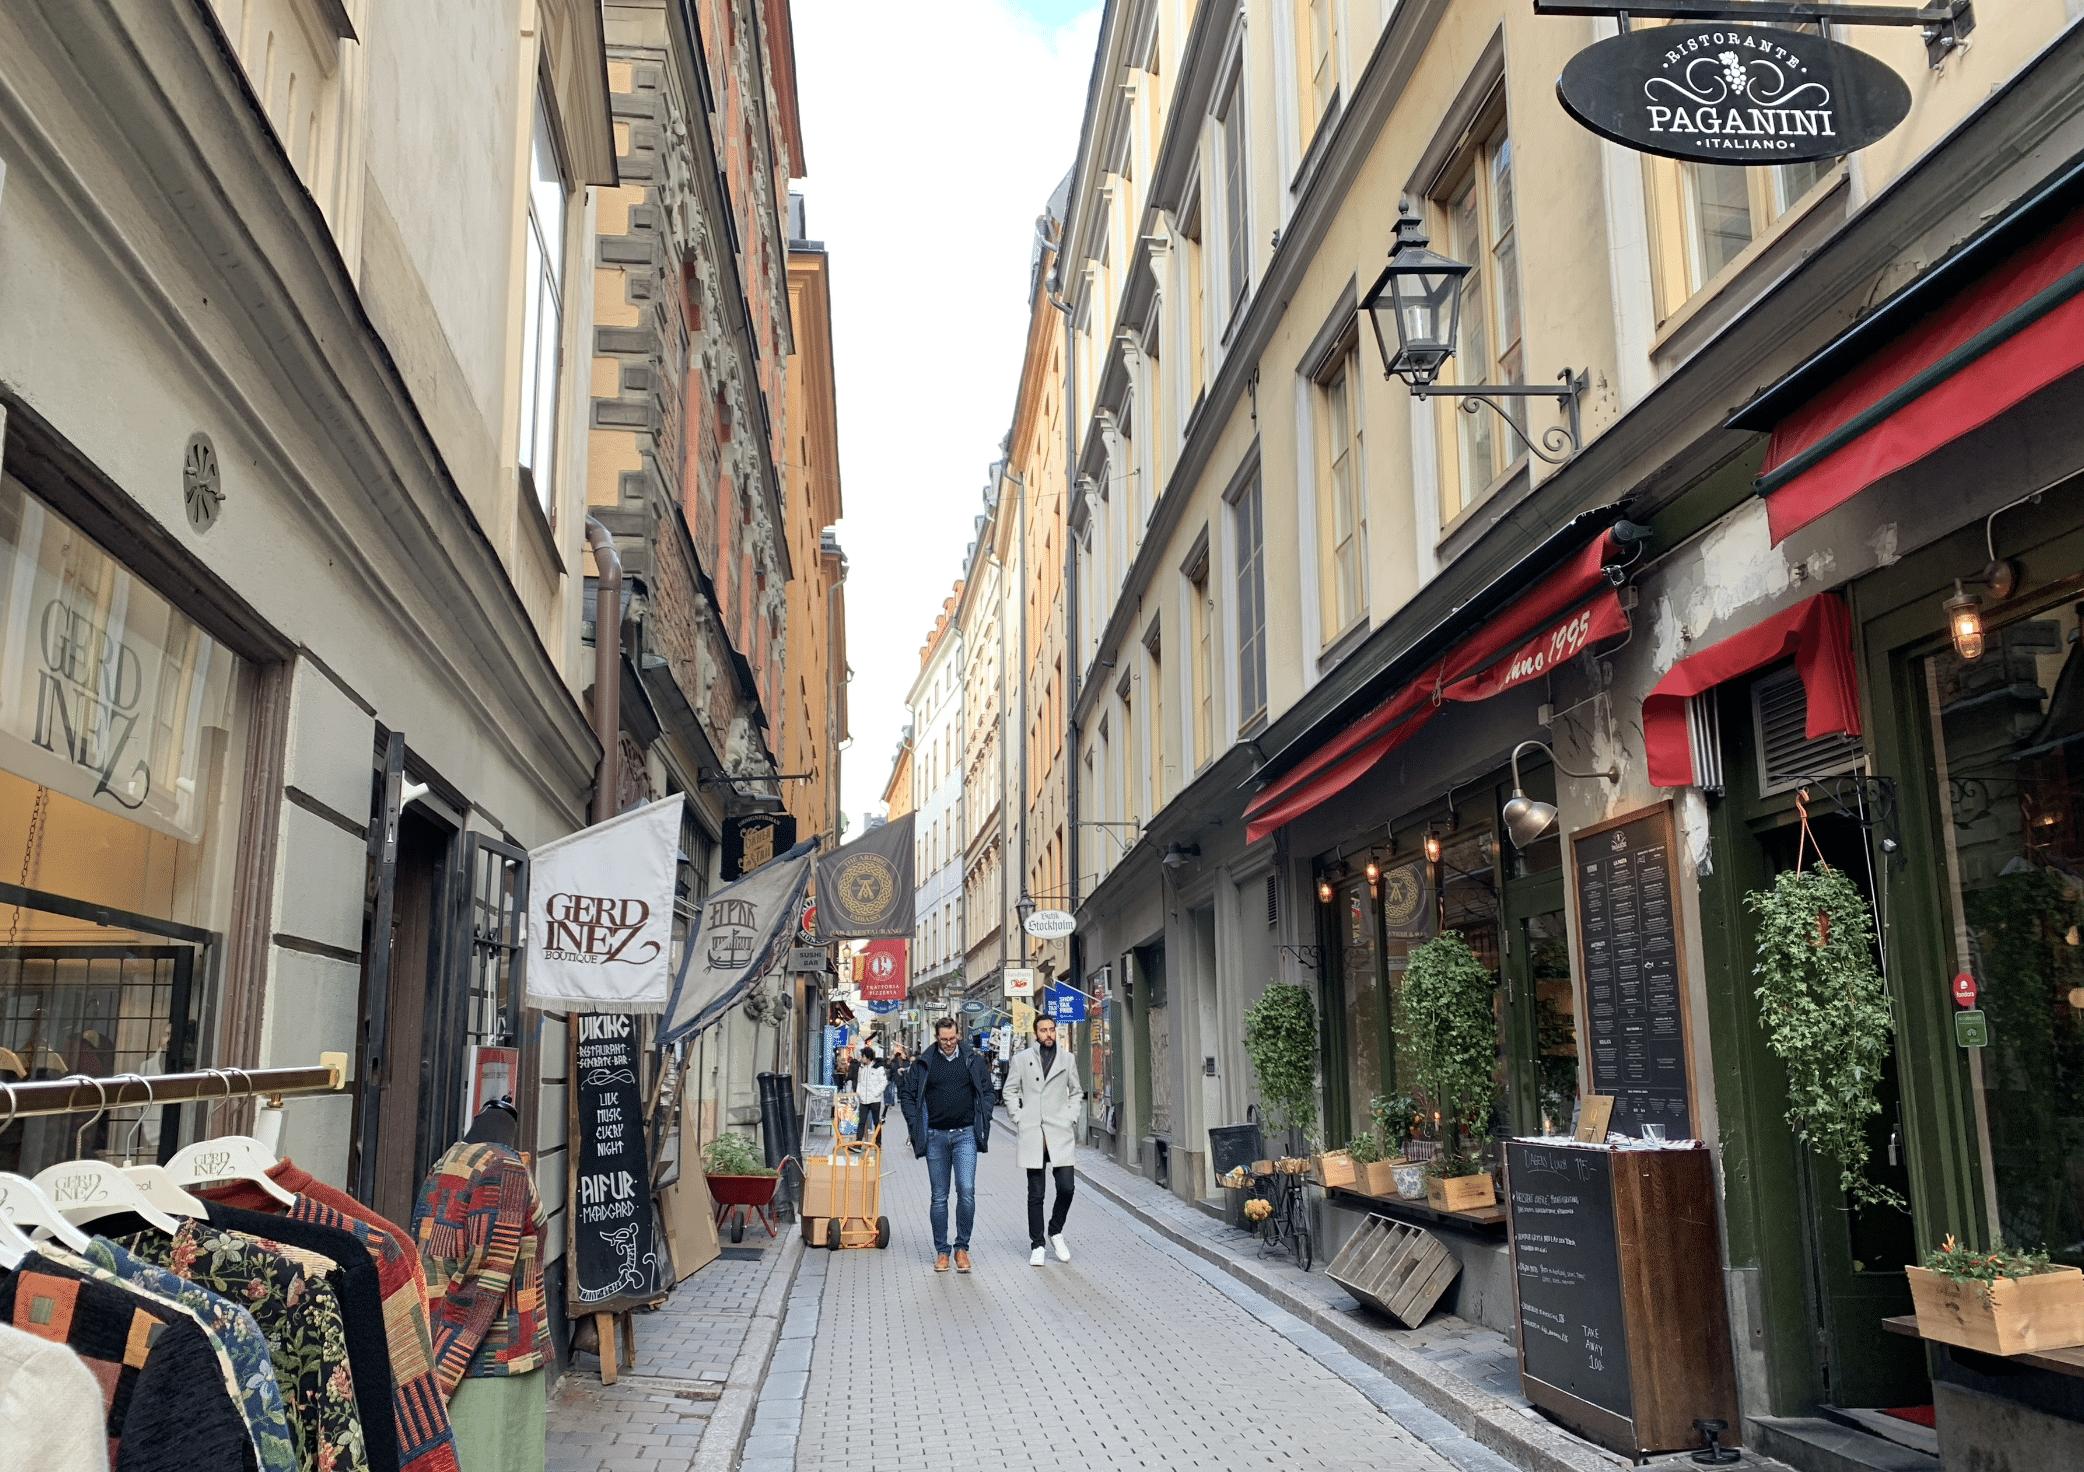 une rue animee dans le centre ville de stockholm